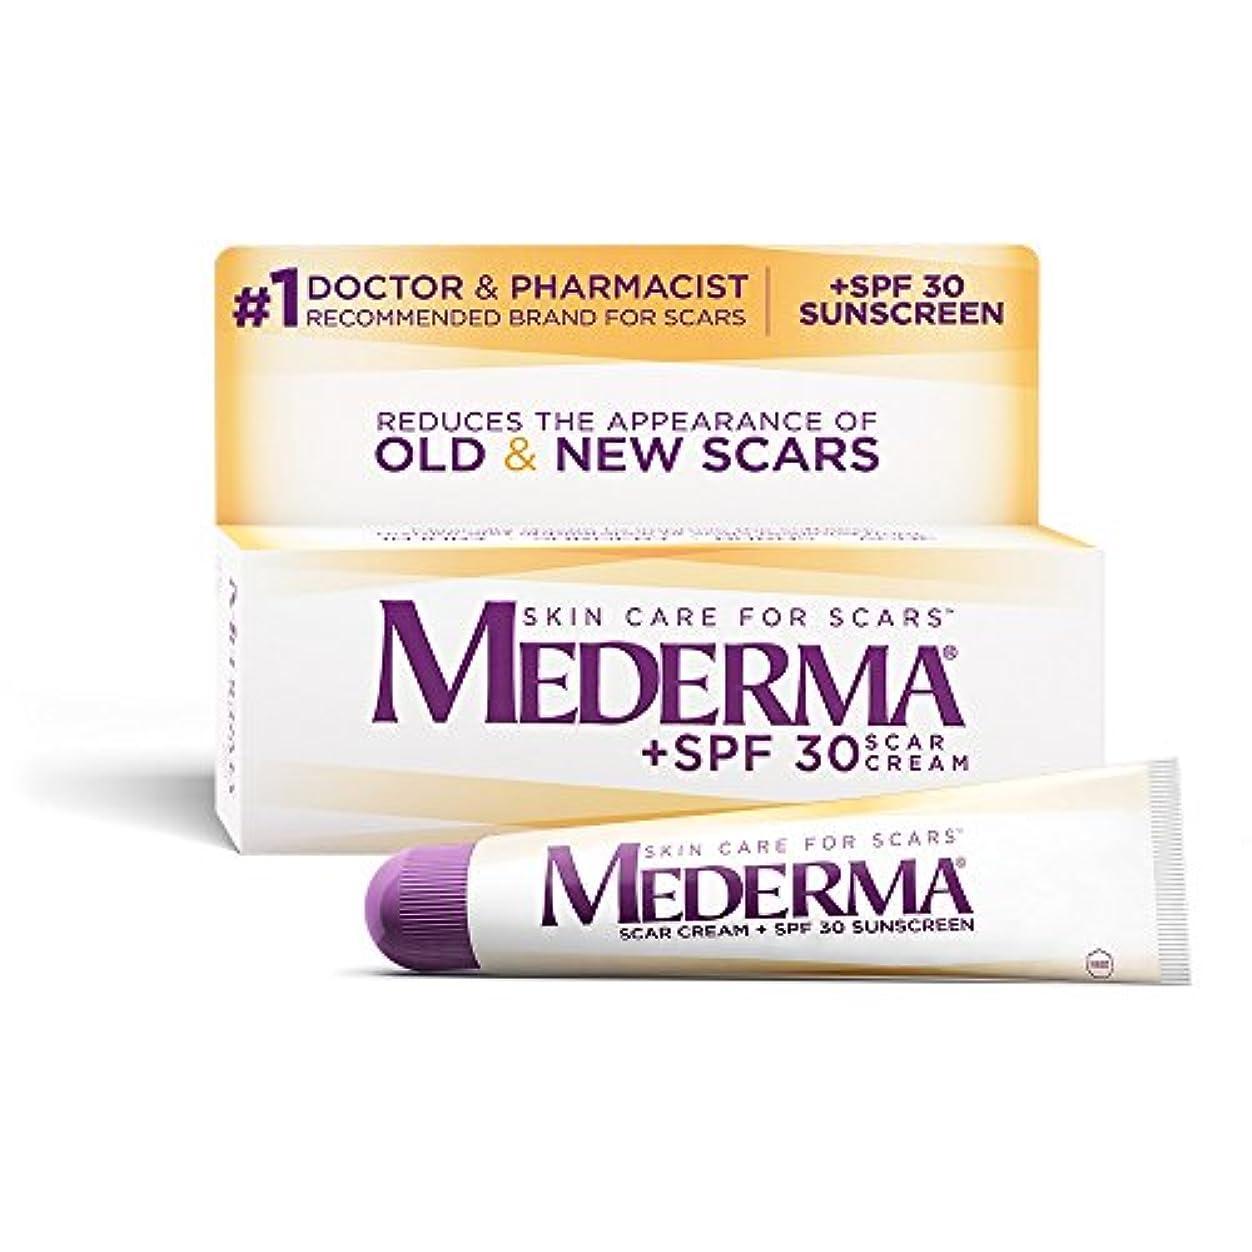 浴仕方りんごMederma 社 日焼け止め成分SPF30配合 メドロマ(メデルマ) 1本 20g Mederma Scar Cream Plus SPF 30